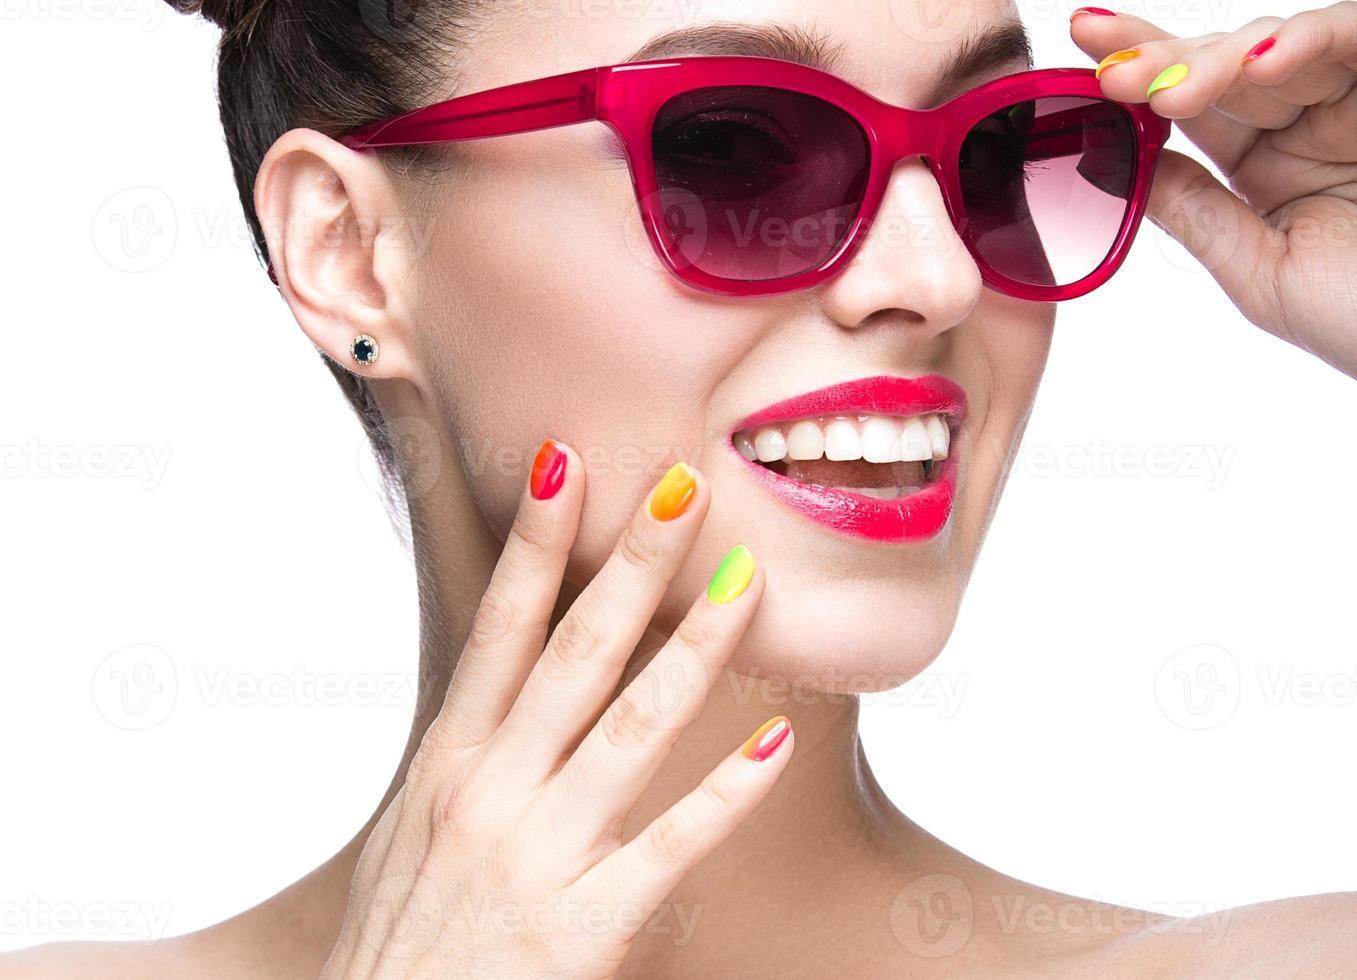 Mädchen in roter Sonnenbrille mit hellem Make-up und bunten Nägeln. foto